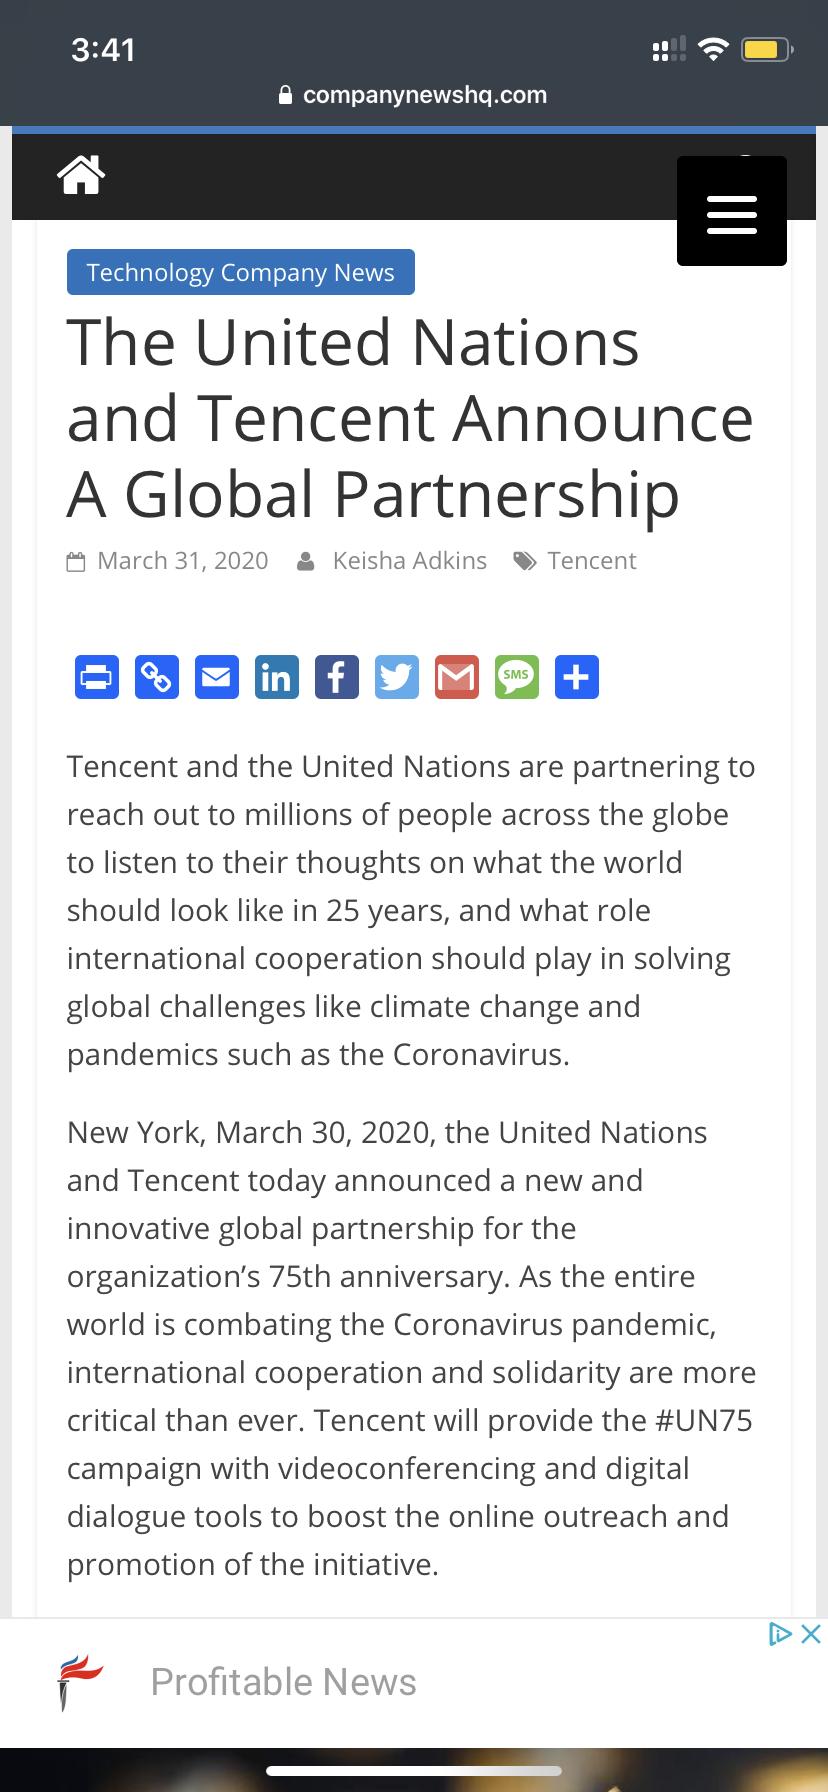 腾讯和UN建立了合作关系插图(1)